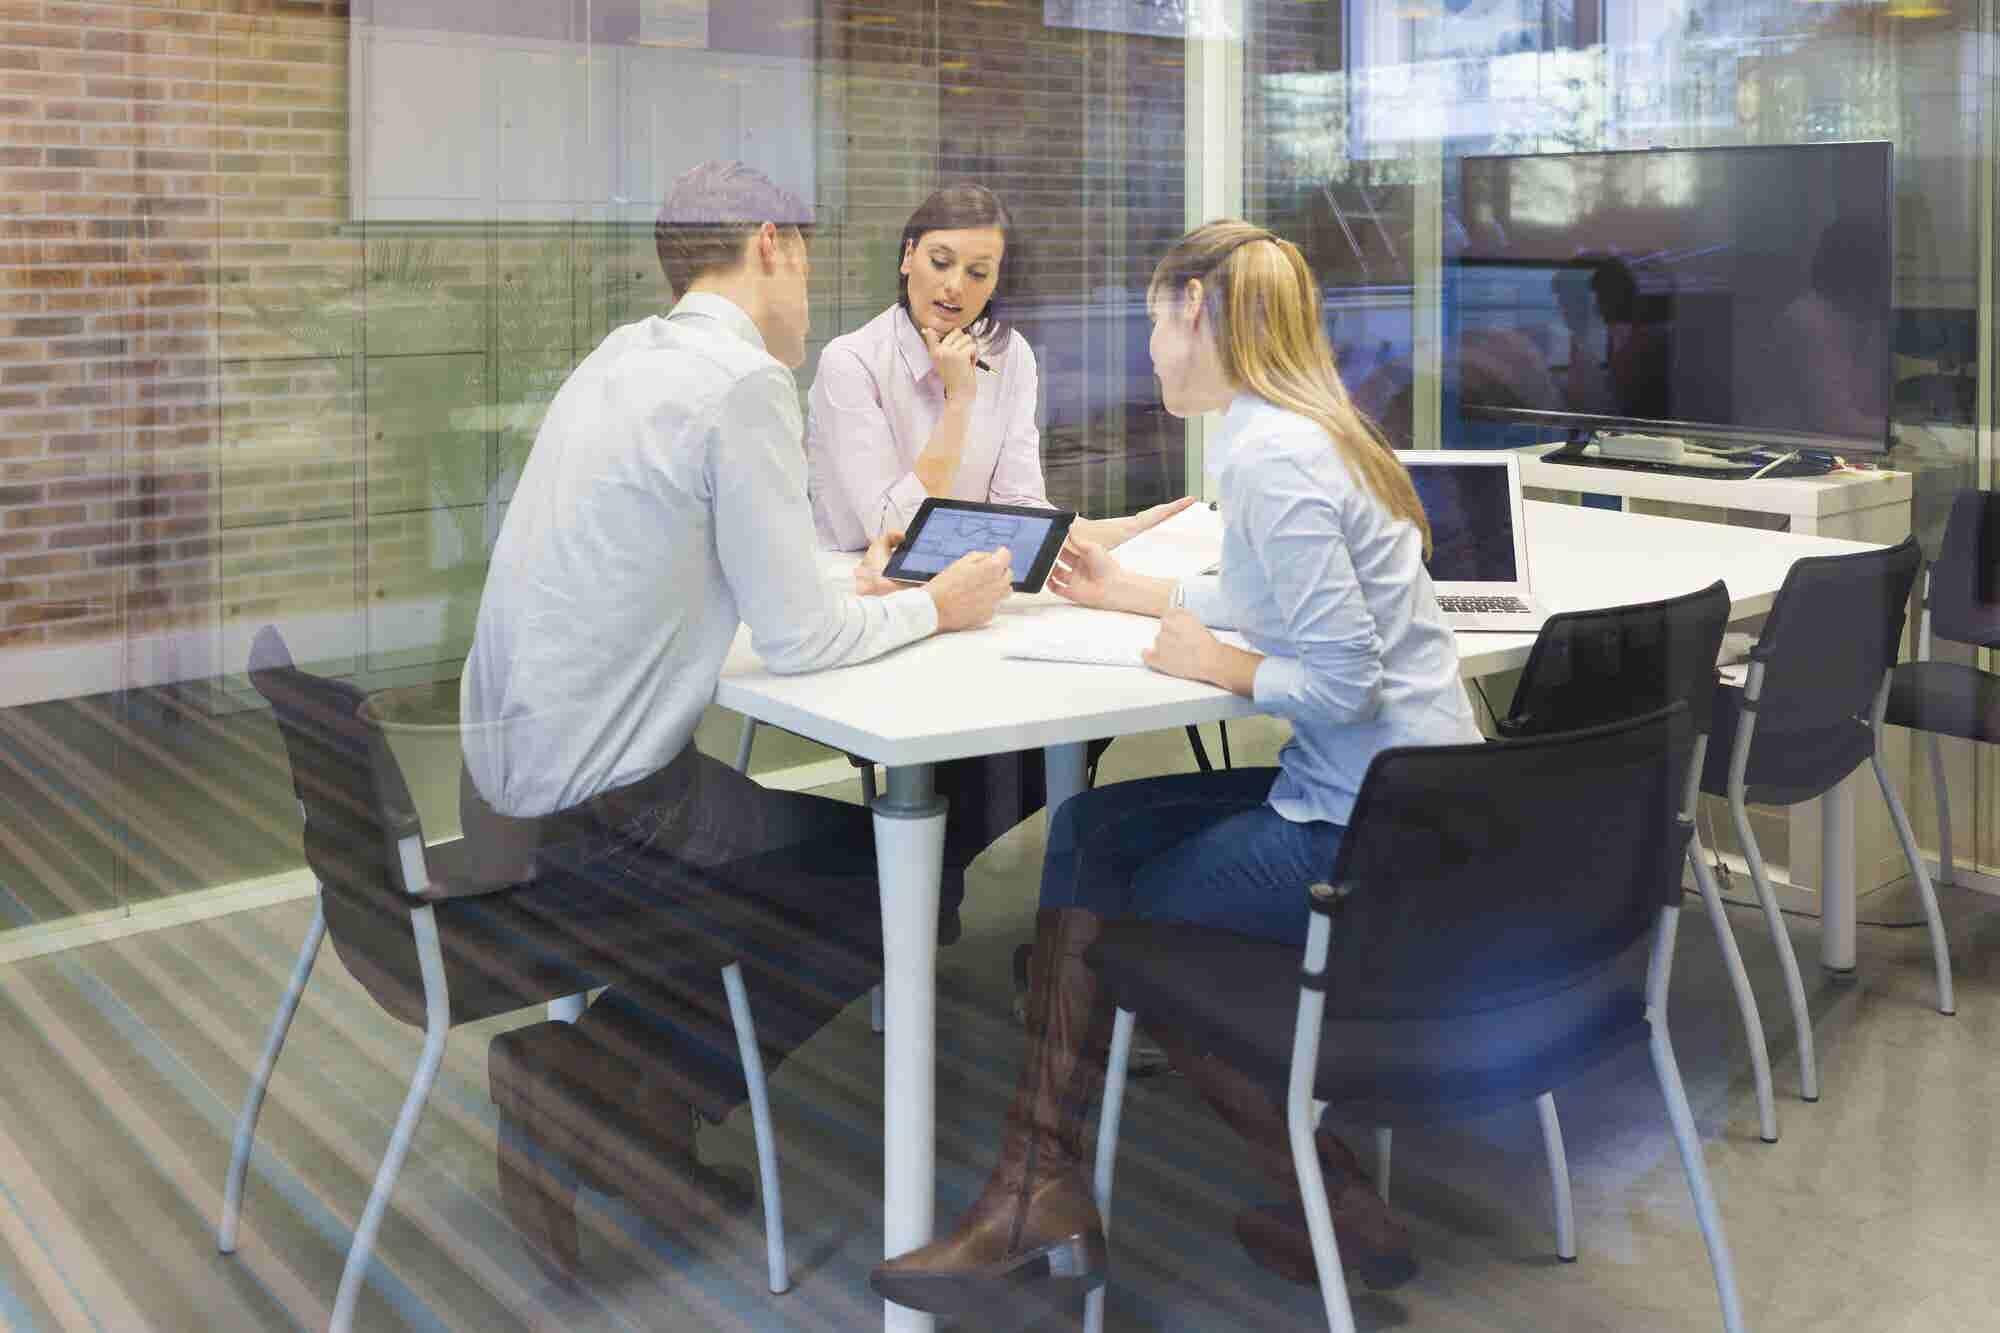 The Entrepreneurial Spirit of Millennials